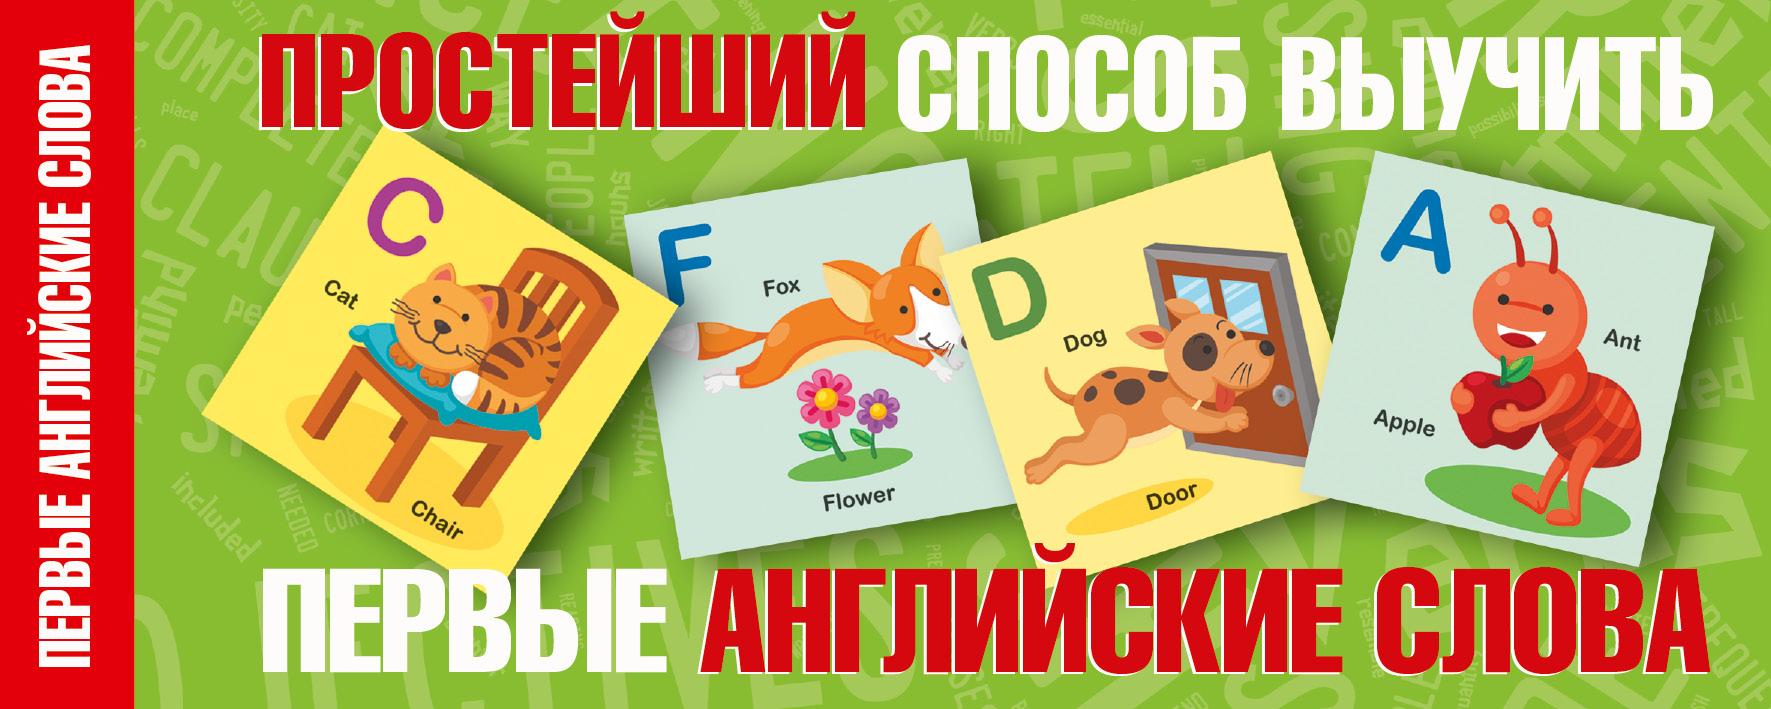 . Простейший способ выучить первые английские слова ISBN: 978-5-17-100391-3 первые английские слова